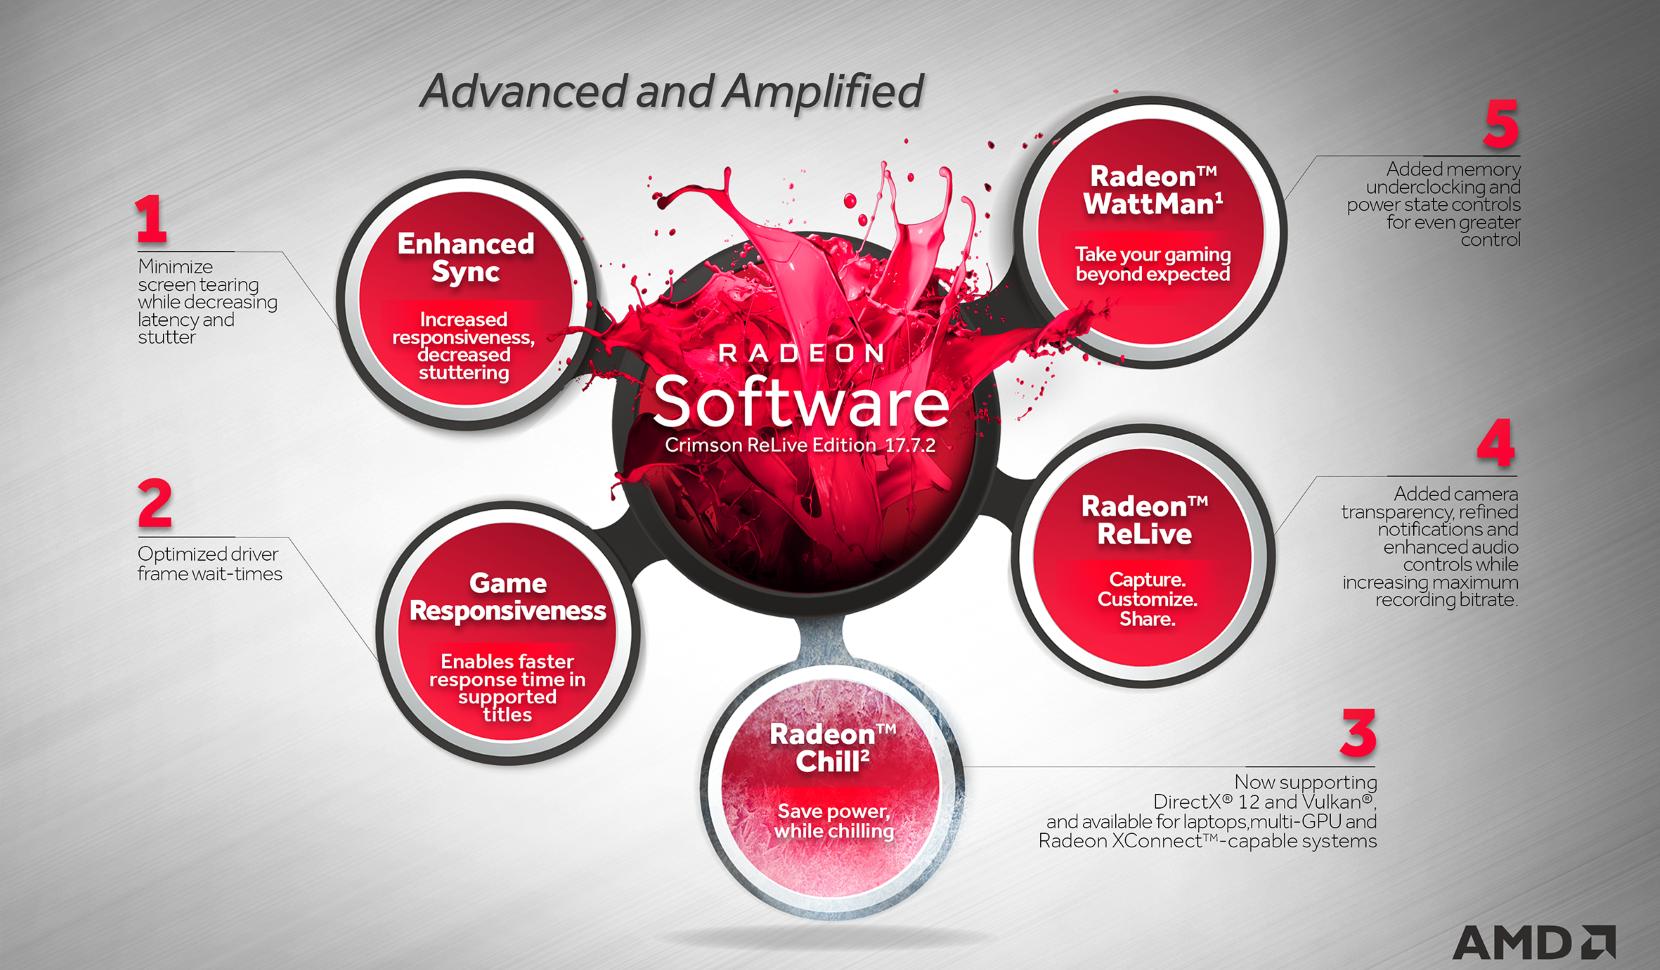 AMD Releases Radeon Software Crimson ReLive 17 7 2 | bit